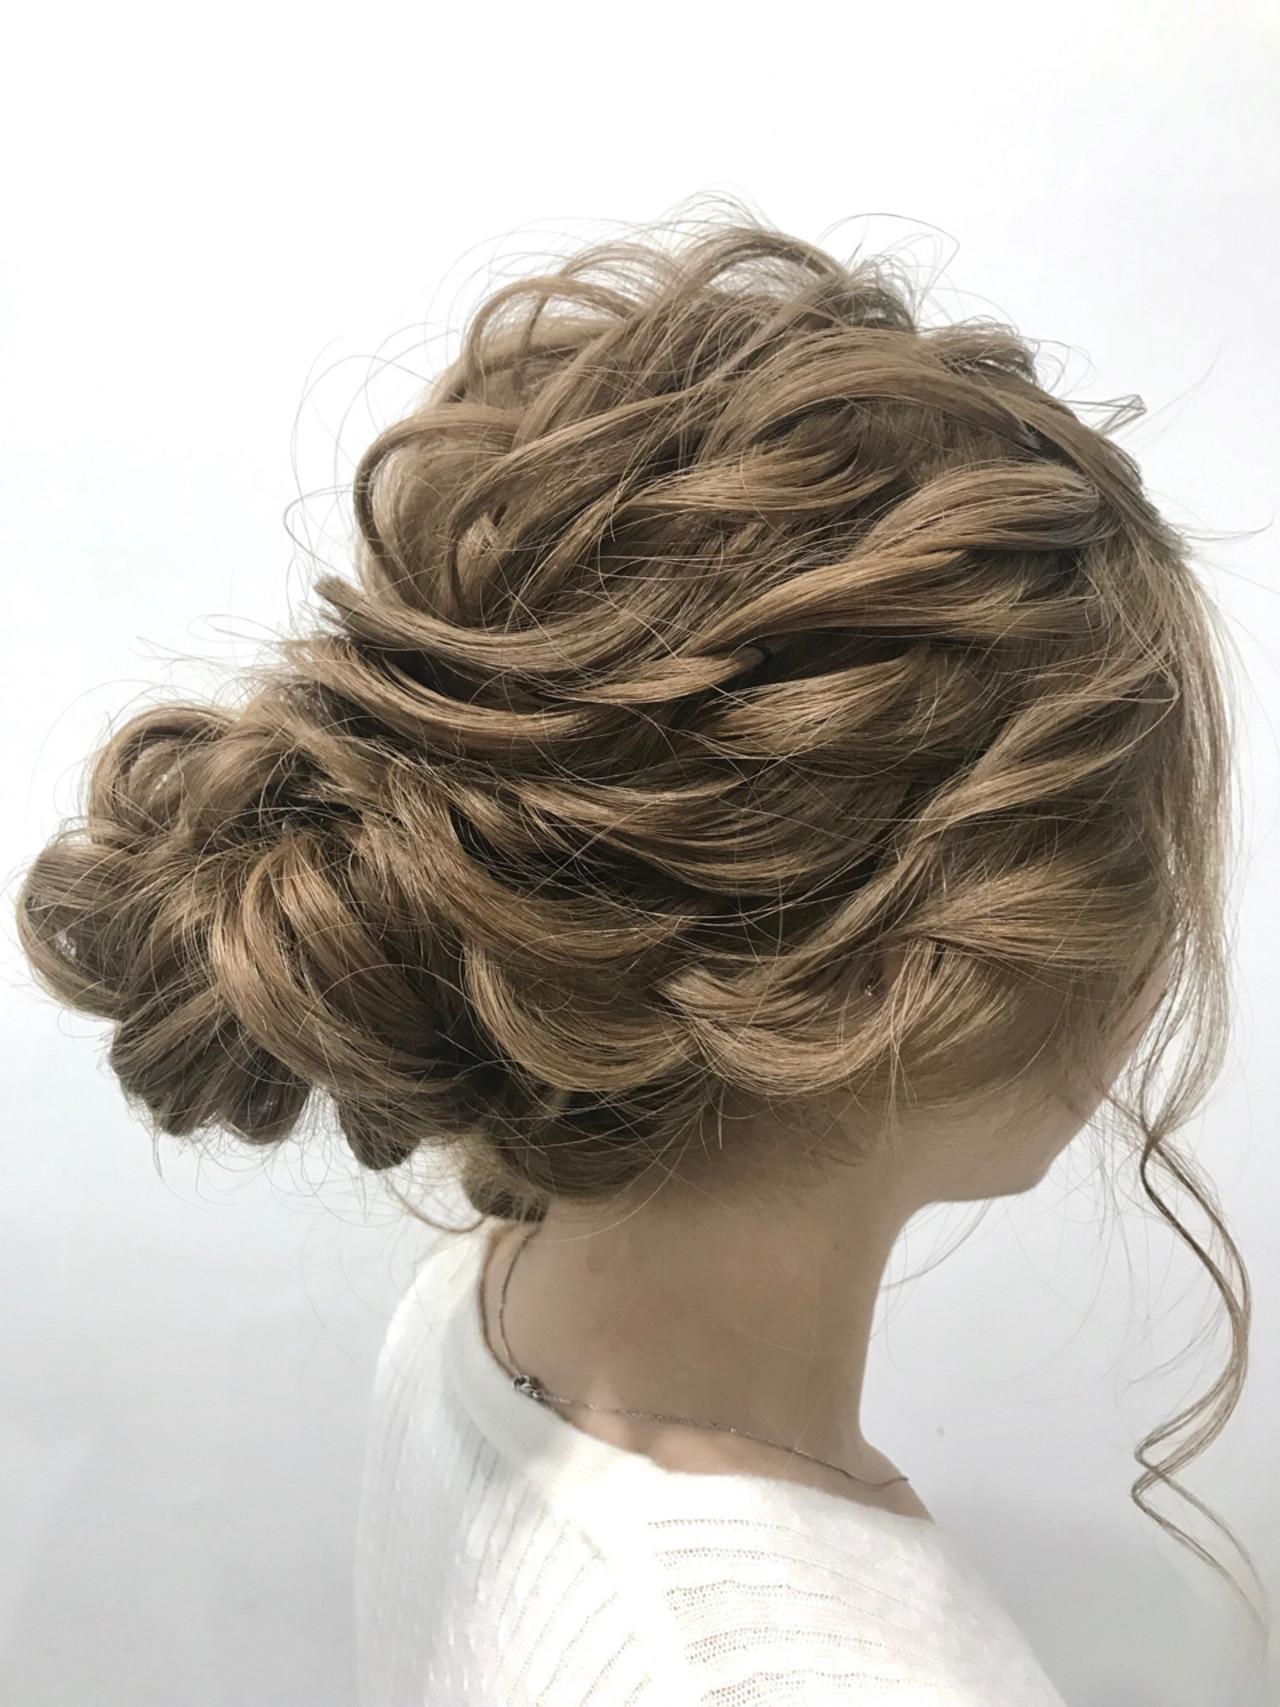 ヘアアレンジ ロング シニヨン エレガント ヘアスタイルや髪型の写真・画像